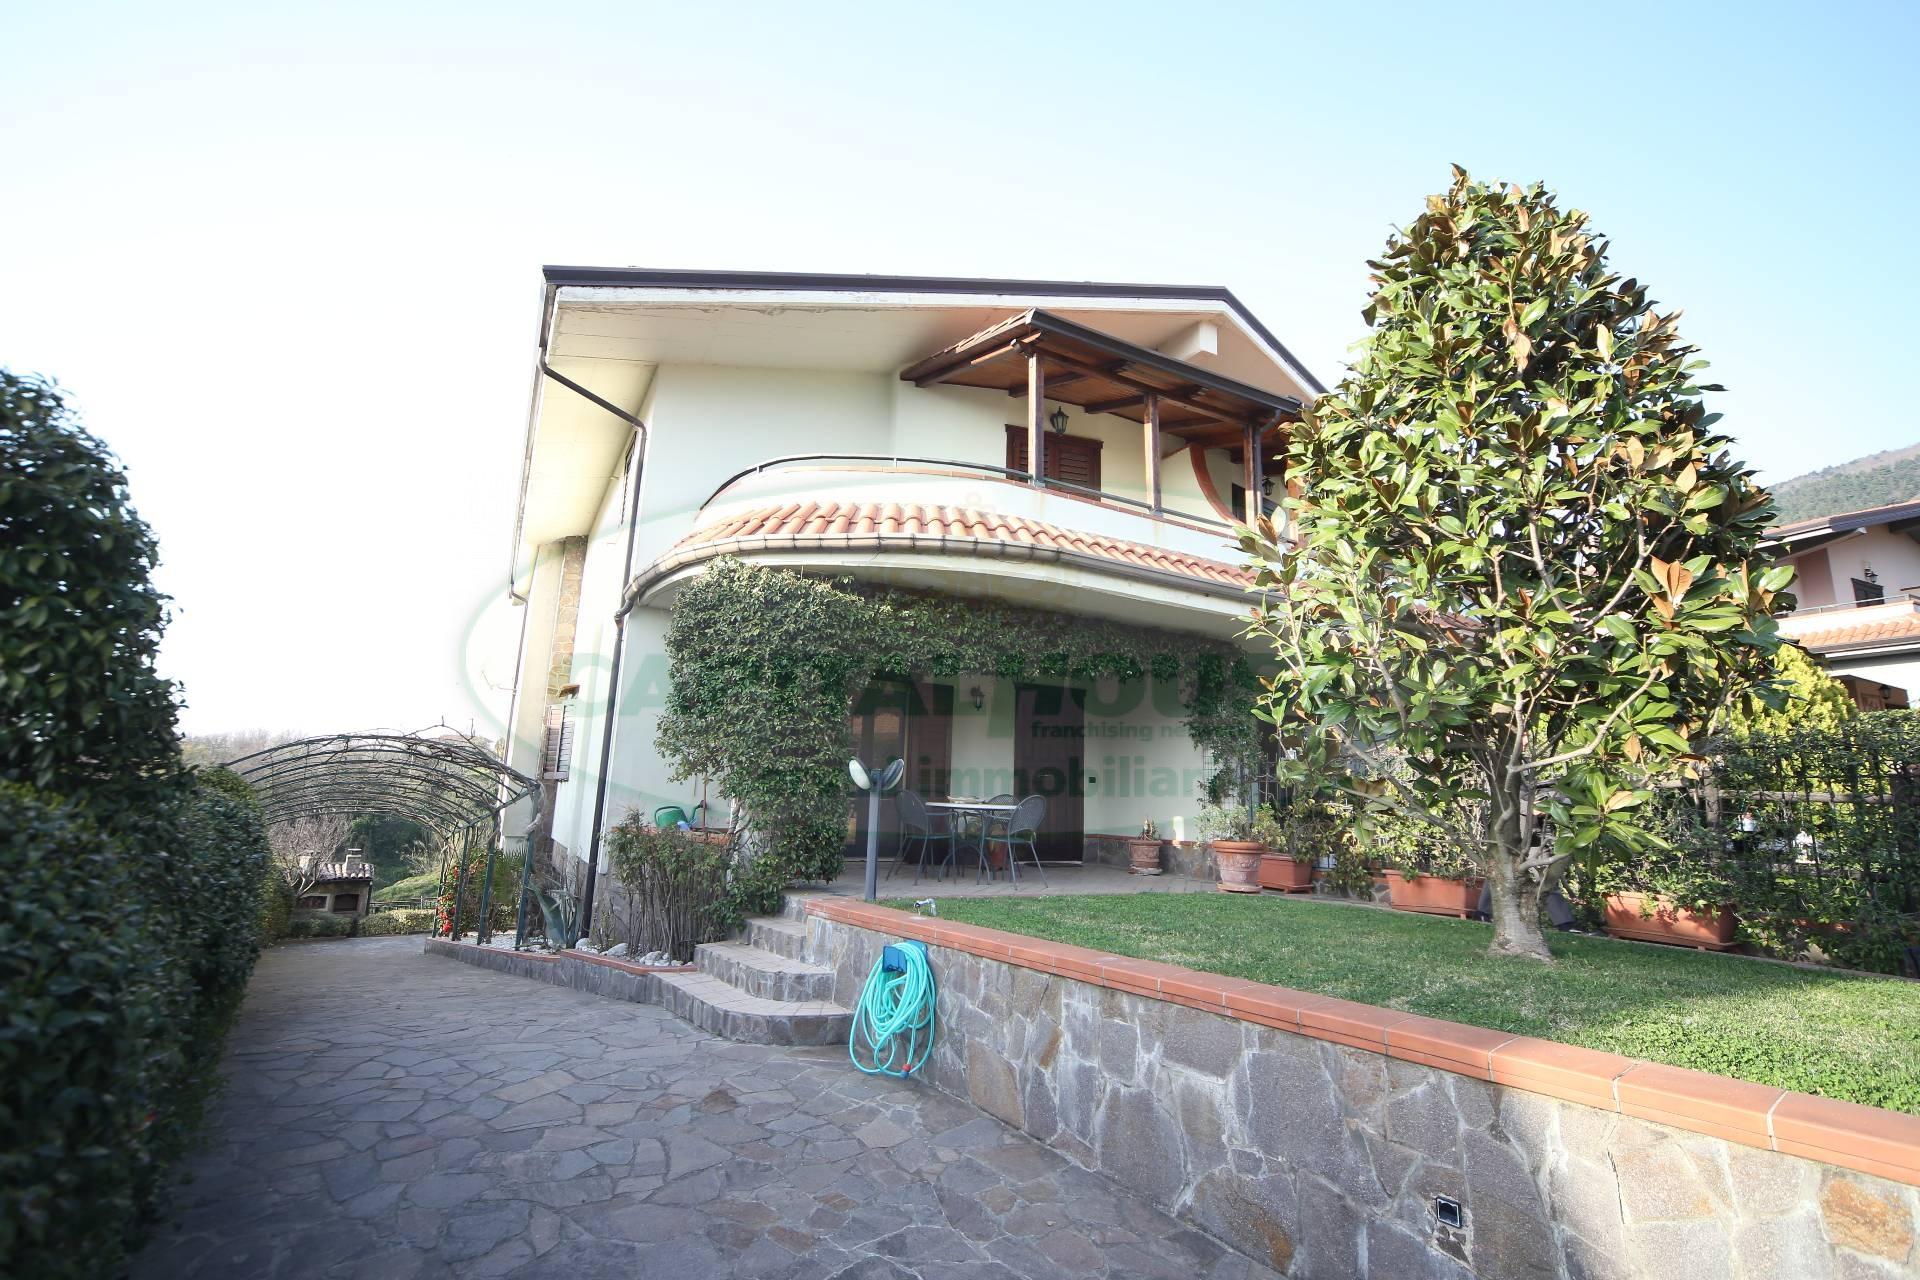 Villa in vendita a Santo Stefano del Sole, 4 locali, prezzo € 240.000 | CambioCasa.it